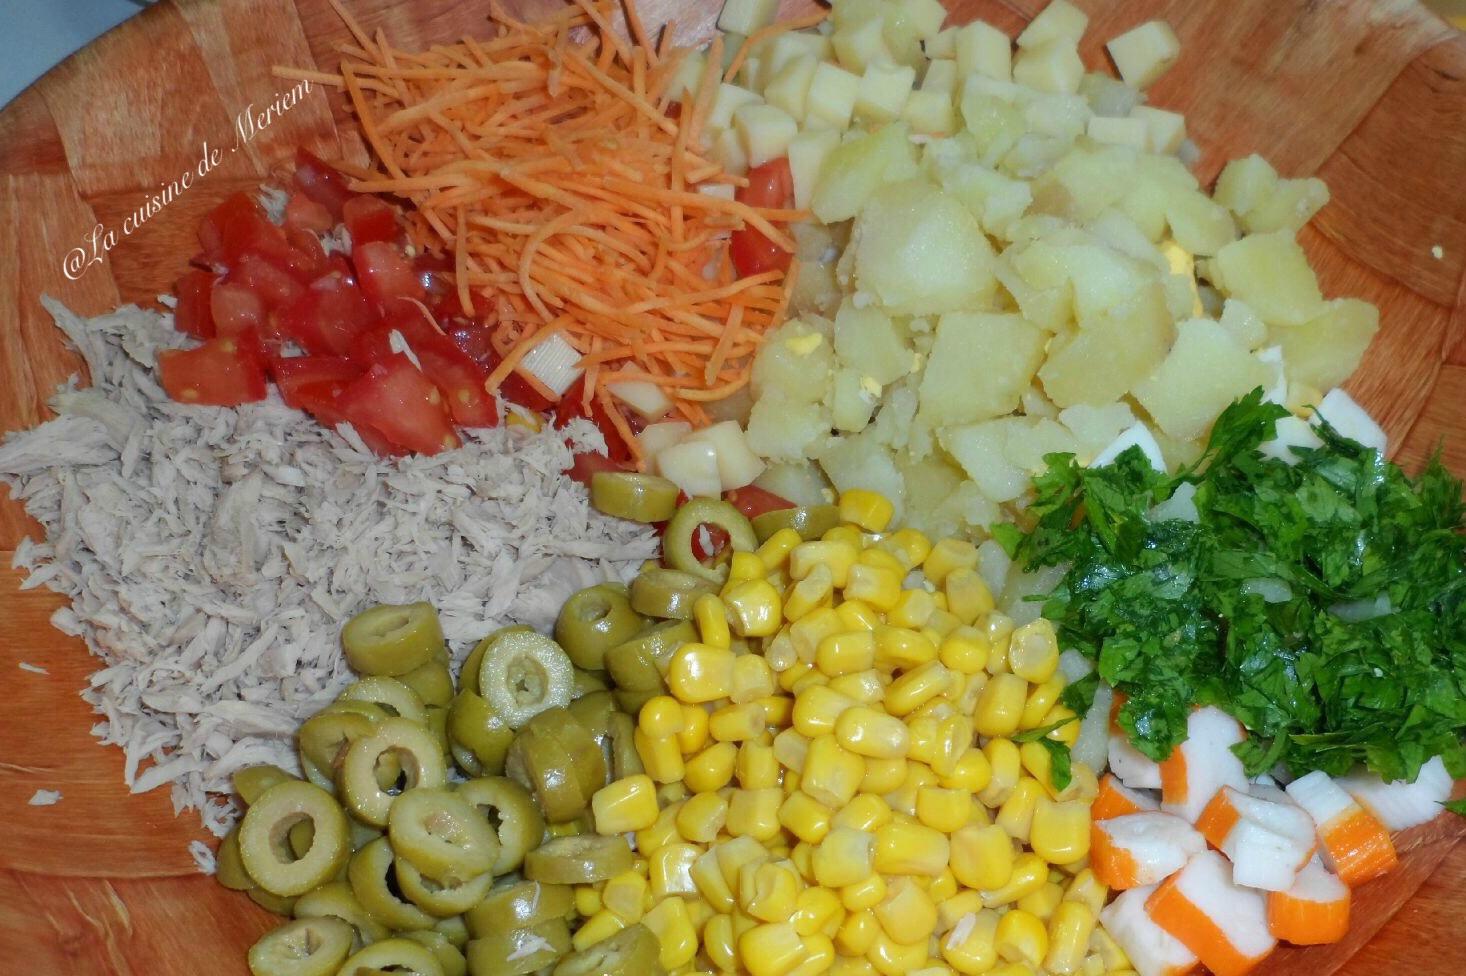 recette salade de pommes de terre au surimi recette de cuisine. Black Bedroom Furniture Sets. Home Design Ideas